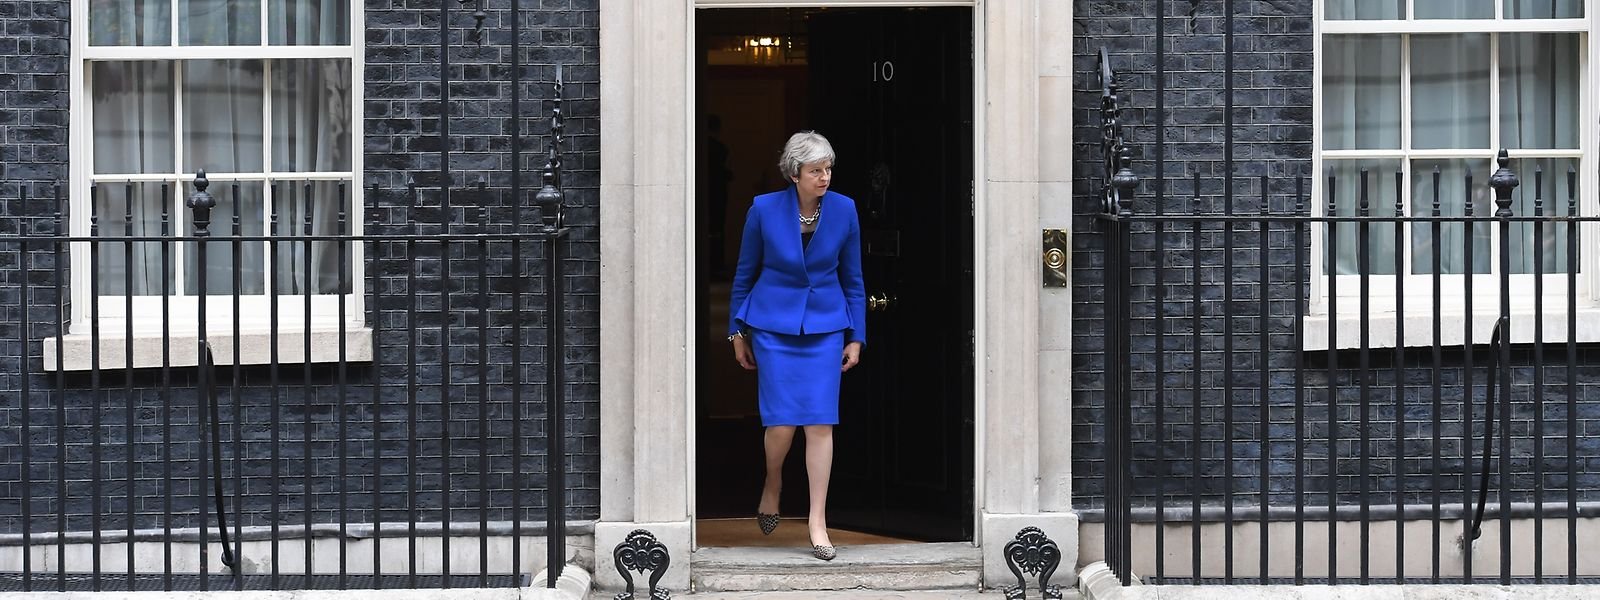 Die Abstimmung im Parlament in London über das umstrittene Brexit-Abkommen am Dienstag könnte das Ende von Theresa May als Regierungschefin einläuten.